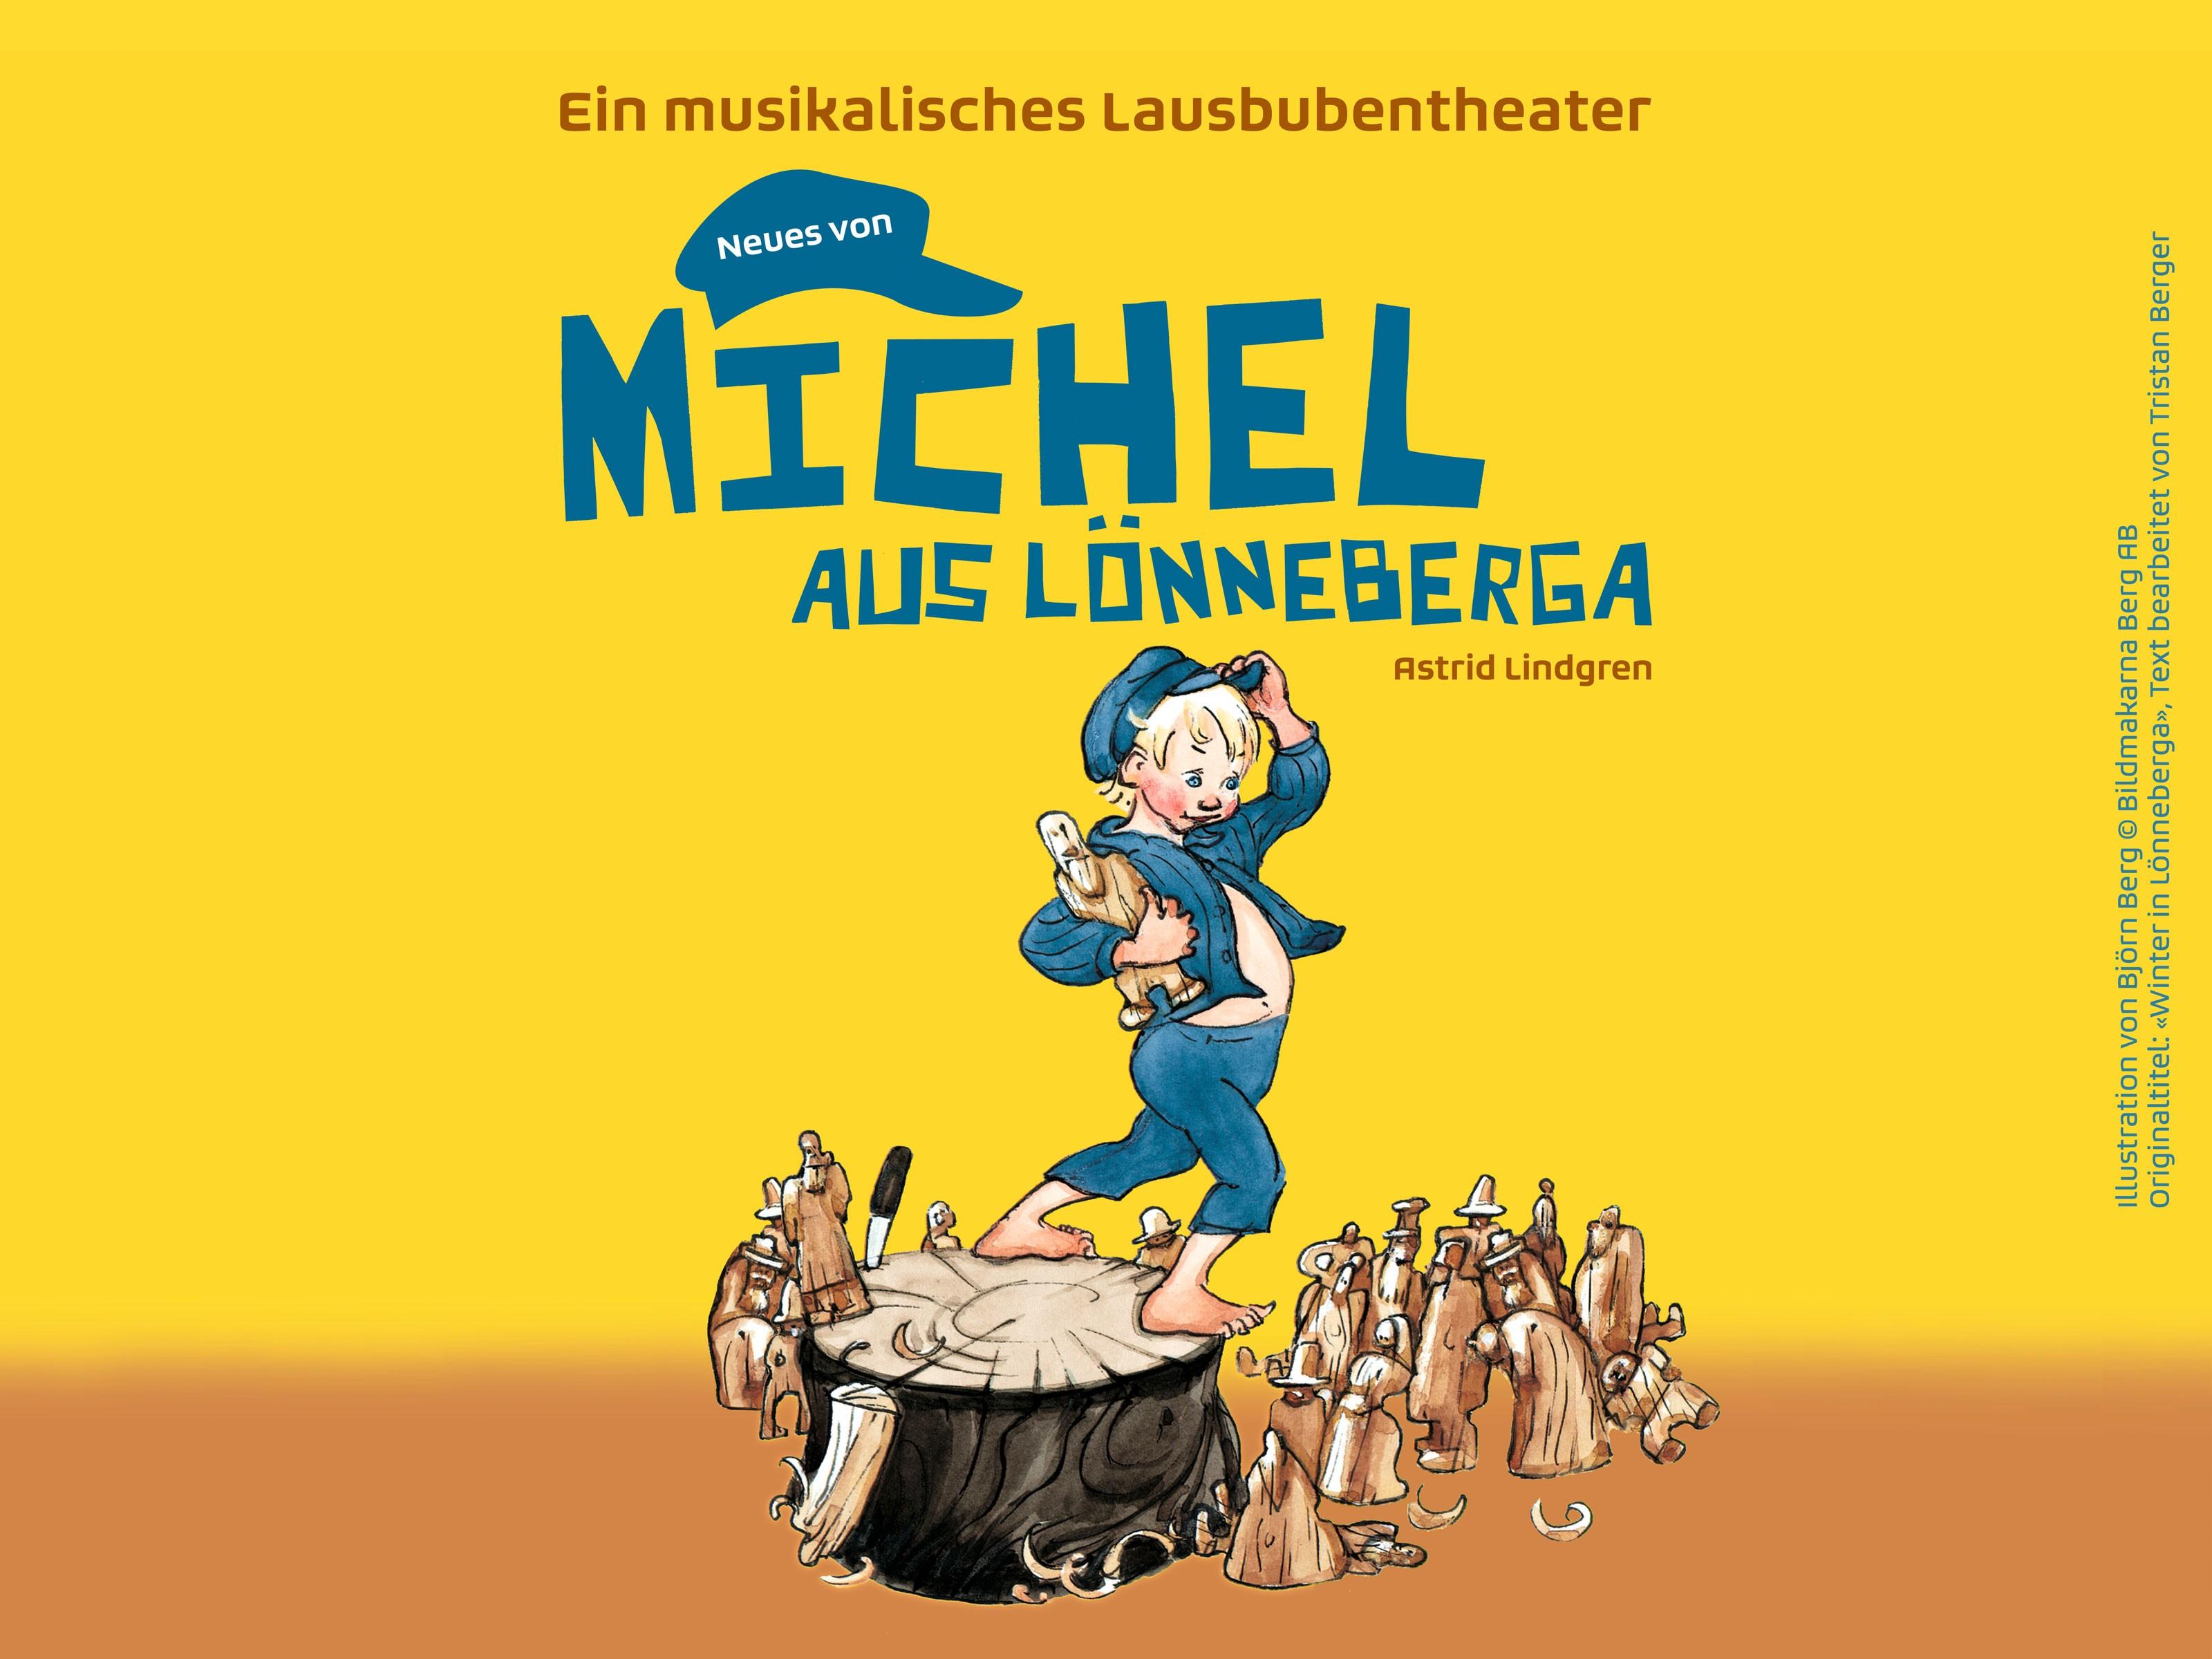 Calendario 2019 Da Stampare Más Recientes Neues Von Michel Aus Lönneberga Falera Zugkultur